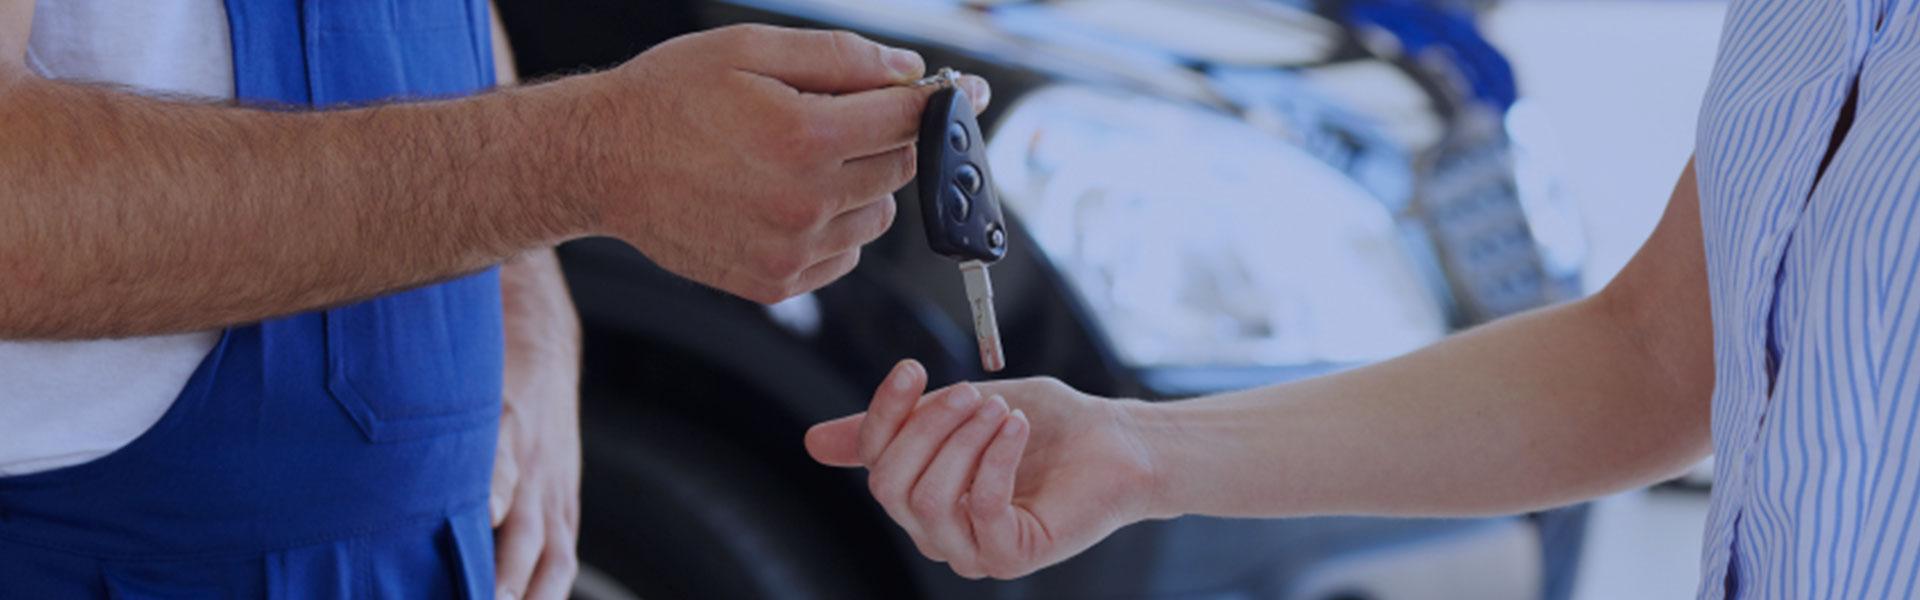 autofficina fiducia, officina garantita, assistenza fiat milano, centro fiat milano